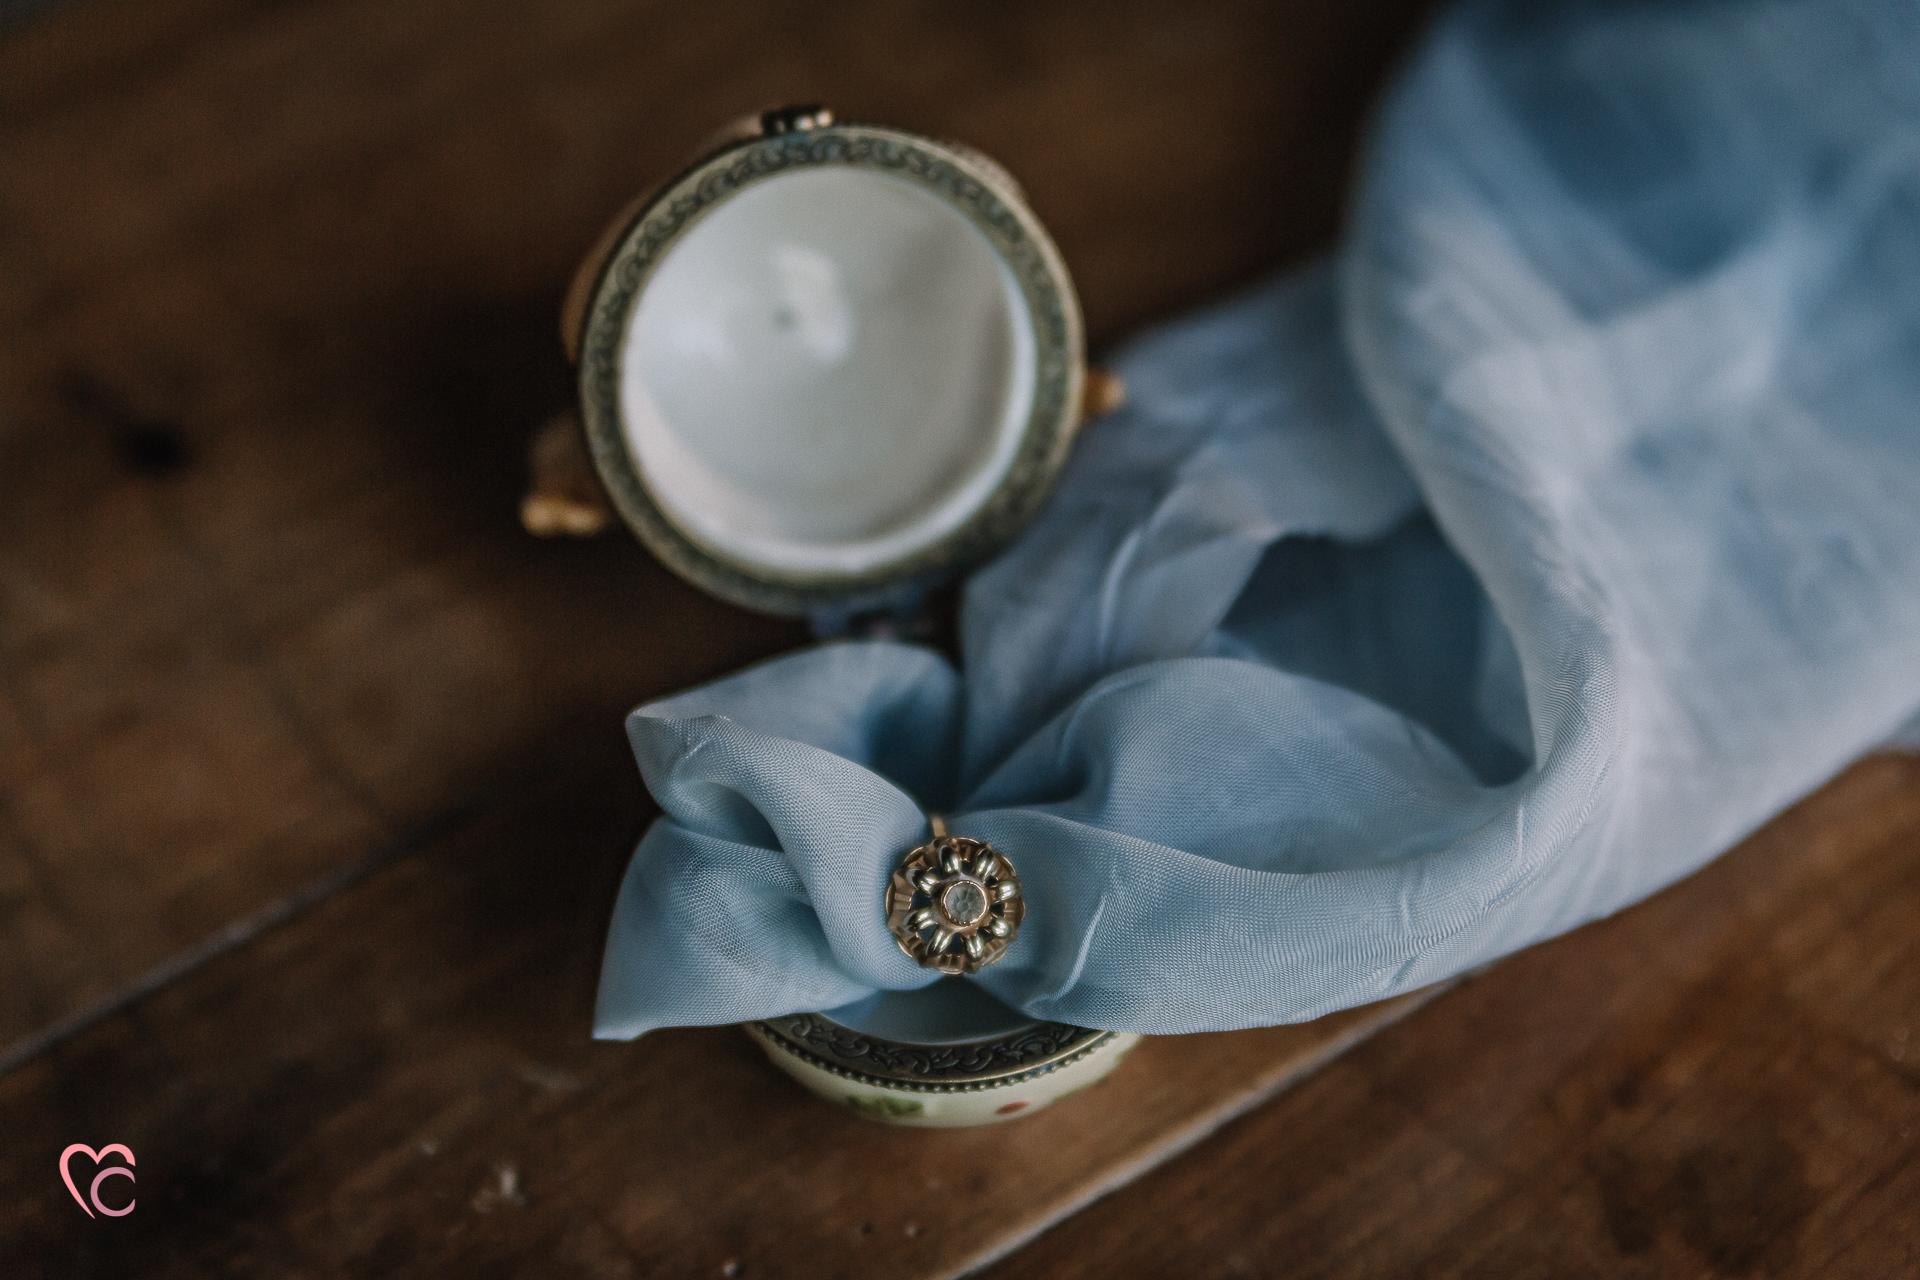 anello antico, sposa,ispirazione cherry blossom